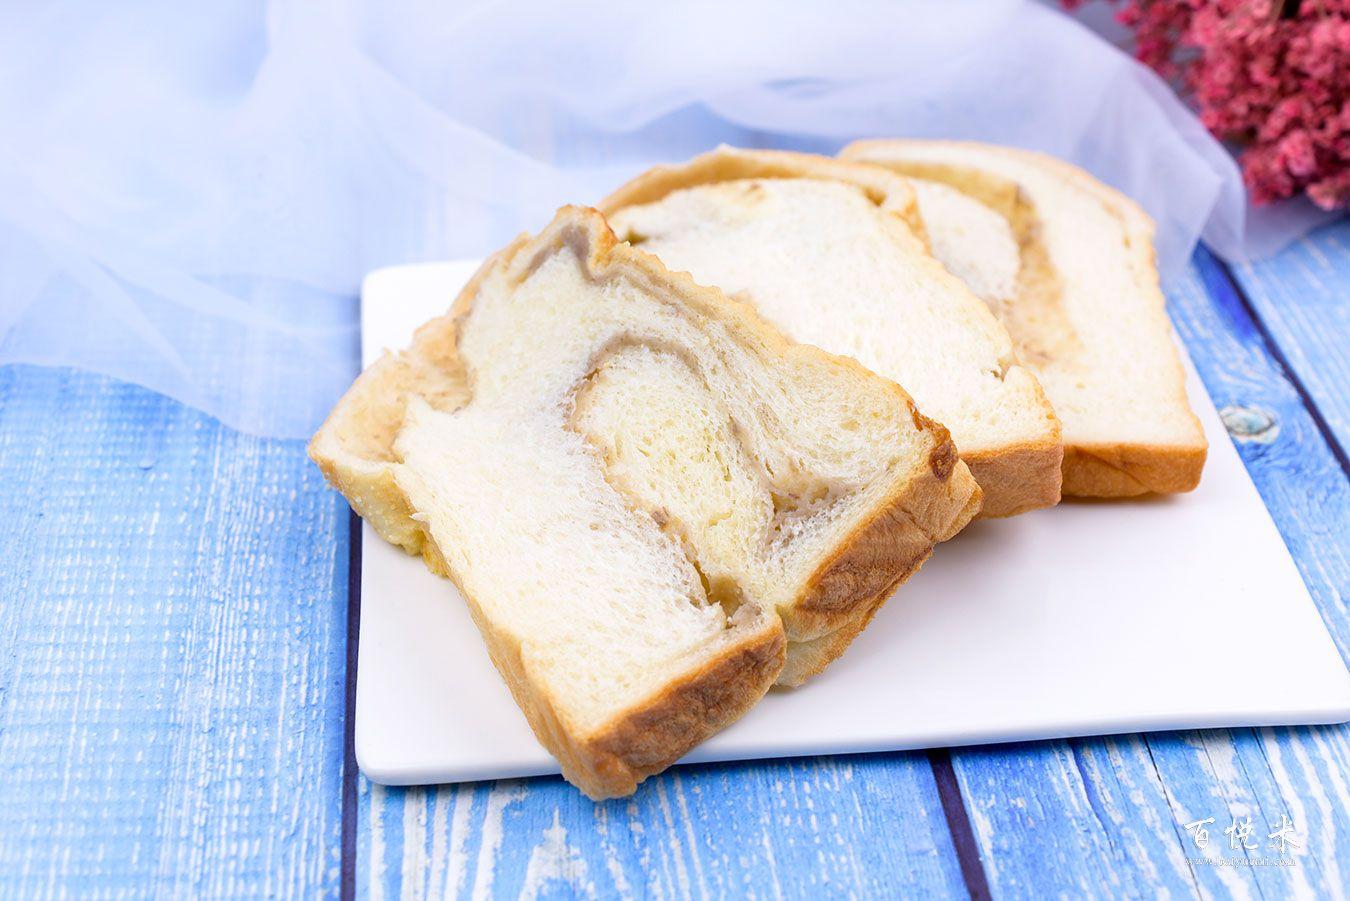 芋泥吐司面包高清图片大全【蛋糕图片】_471